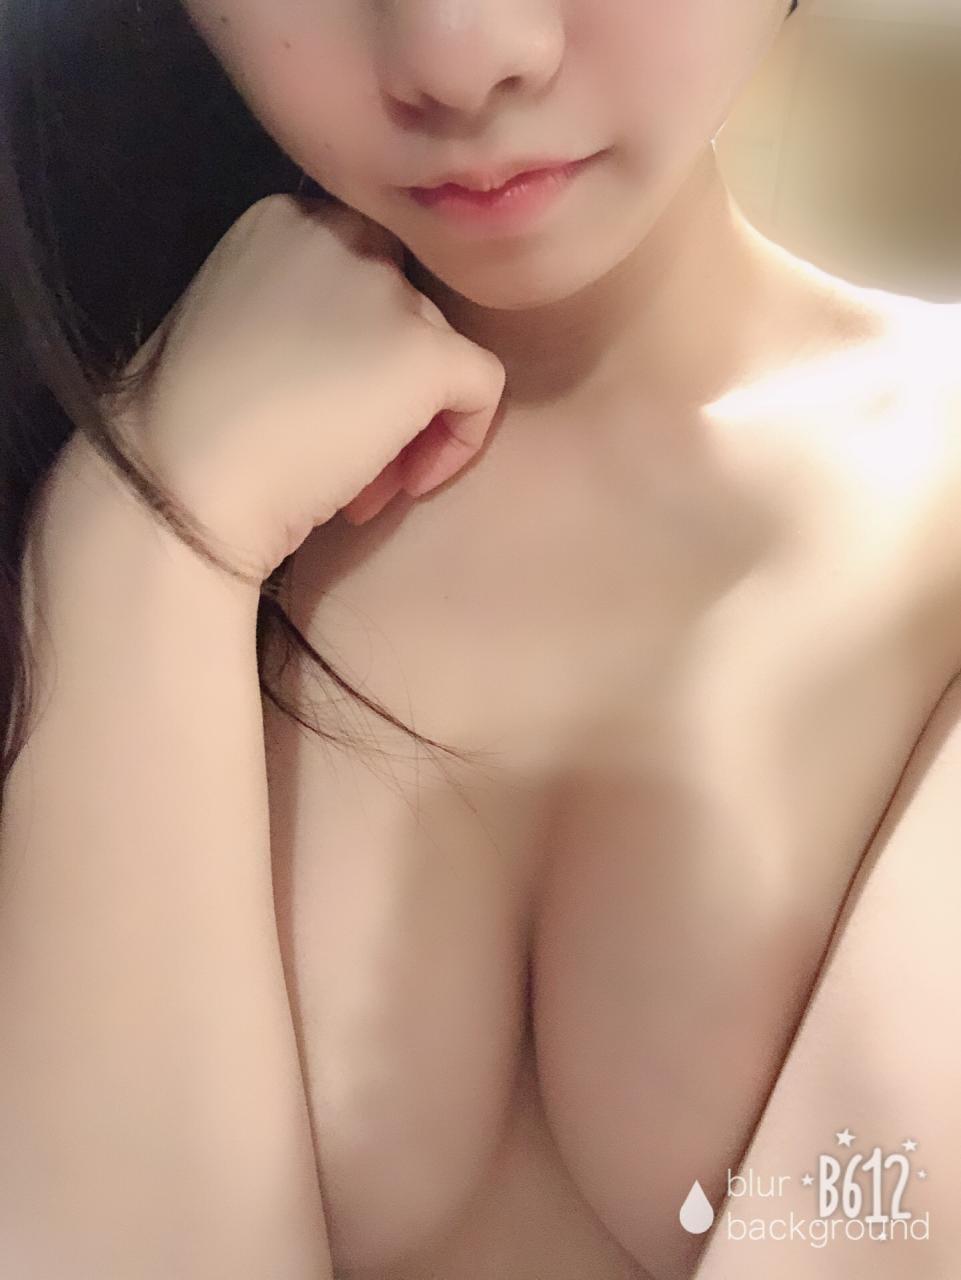 「5日間ありがとう!」06/21日(金) 04:18 | ☆かなは(23)☆の写メ・風俗動画